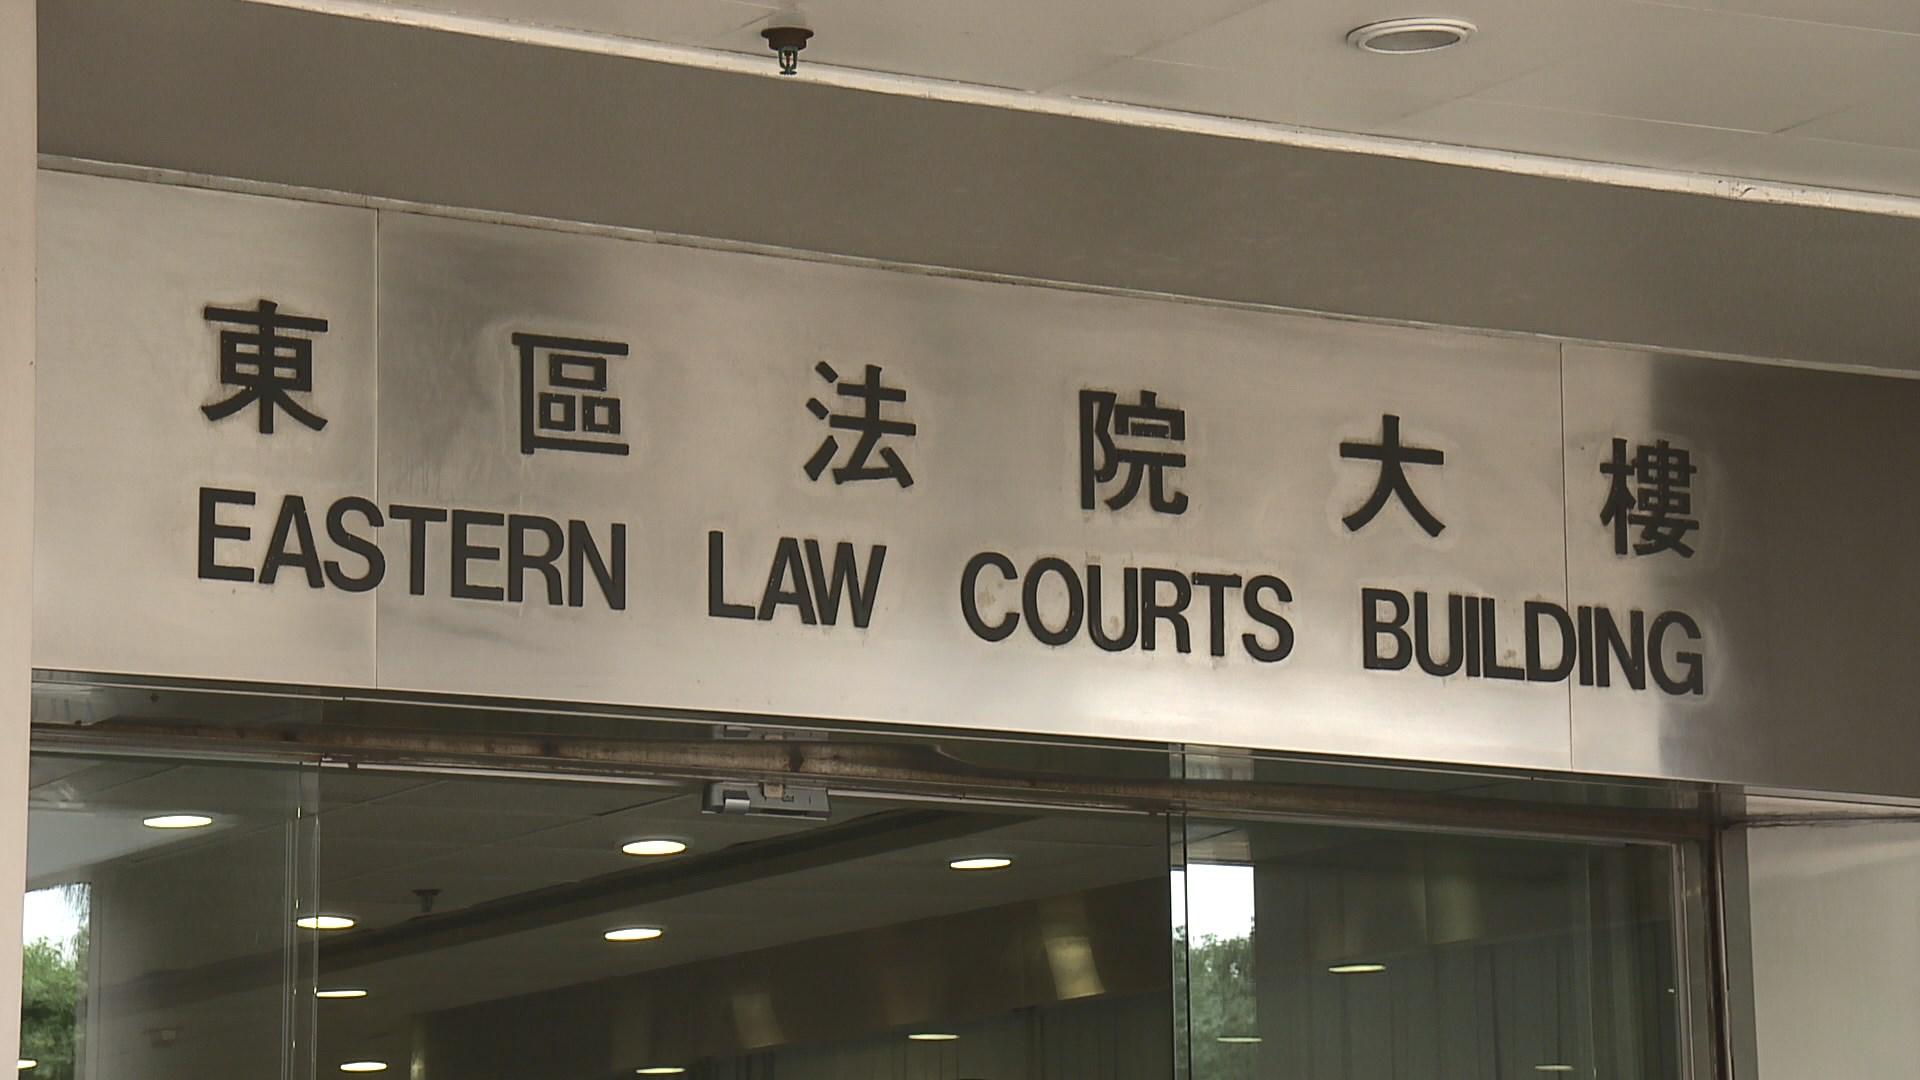 黃之鋒周庭獲准保釋 11月8日再訊